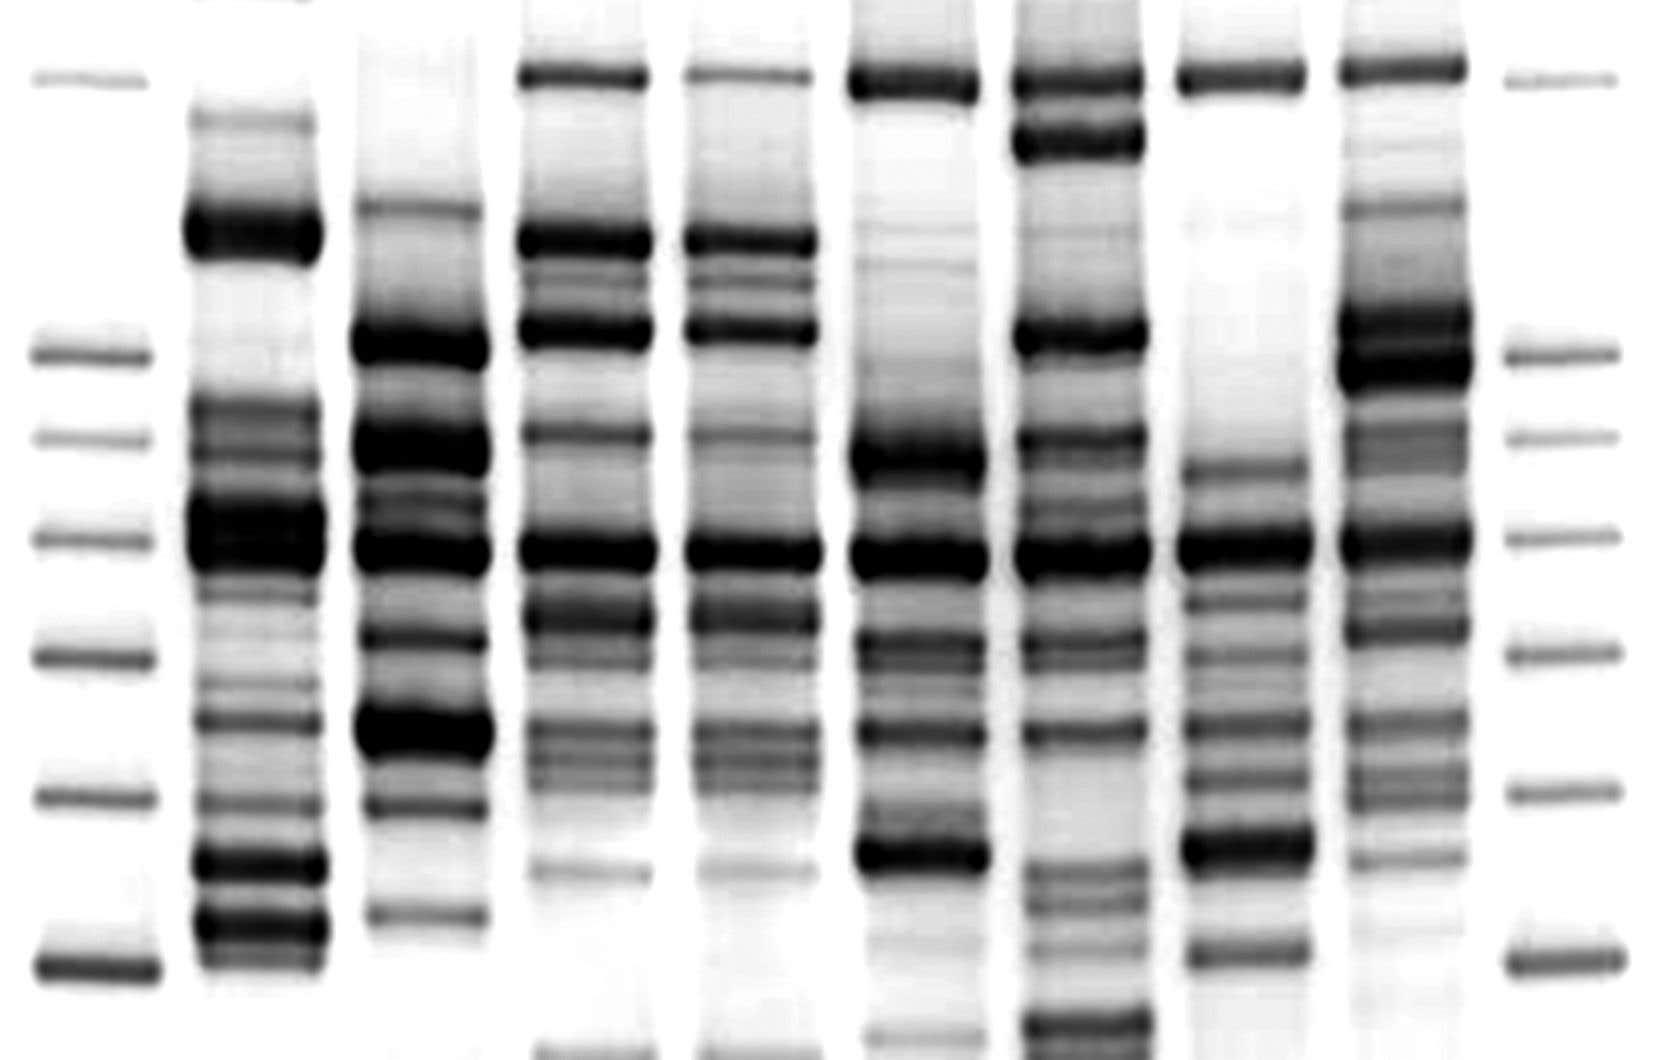 Le test d'ADN est la méthode la plus incontestable pour identifier un corps, mais il s'agit aussi du moyen le plus dispendieux et qui prend le plus de temps à exécuter. Il est donc bien souvent utilisé qu'en dernier recours.